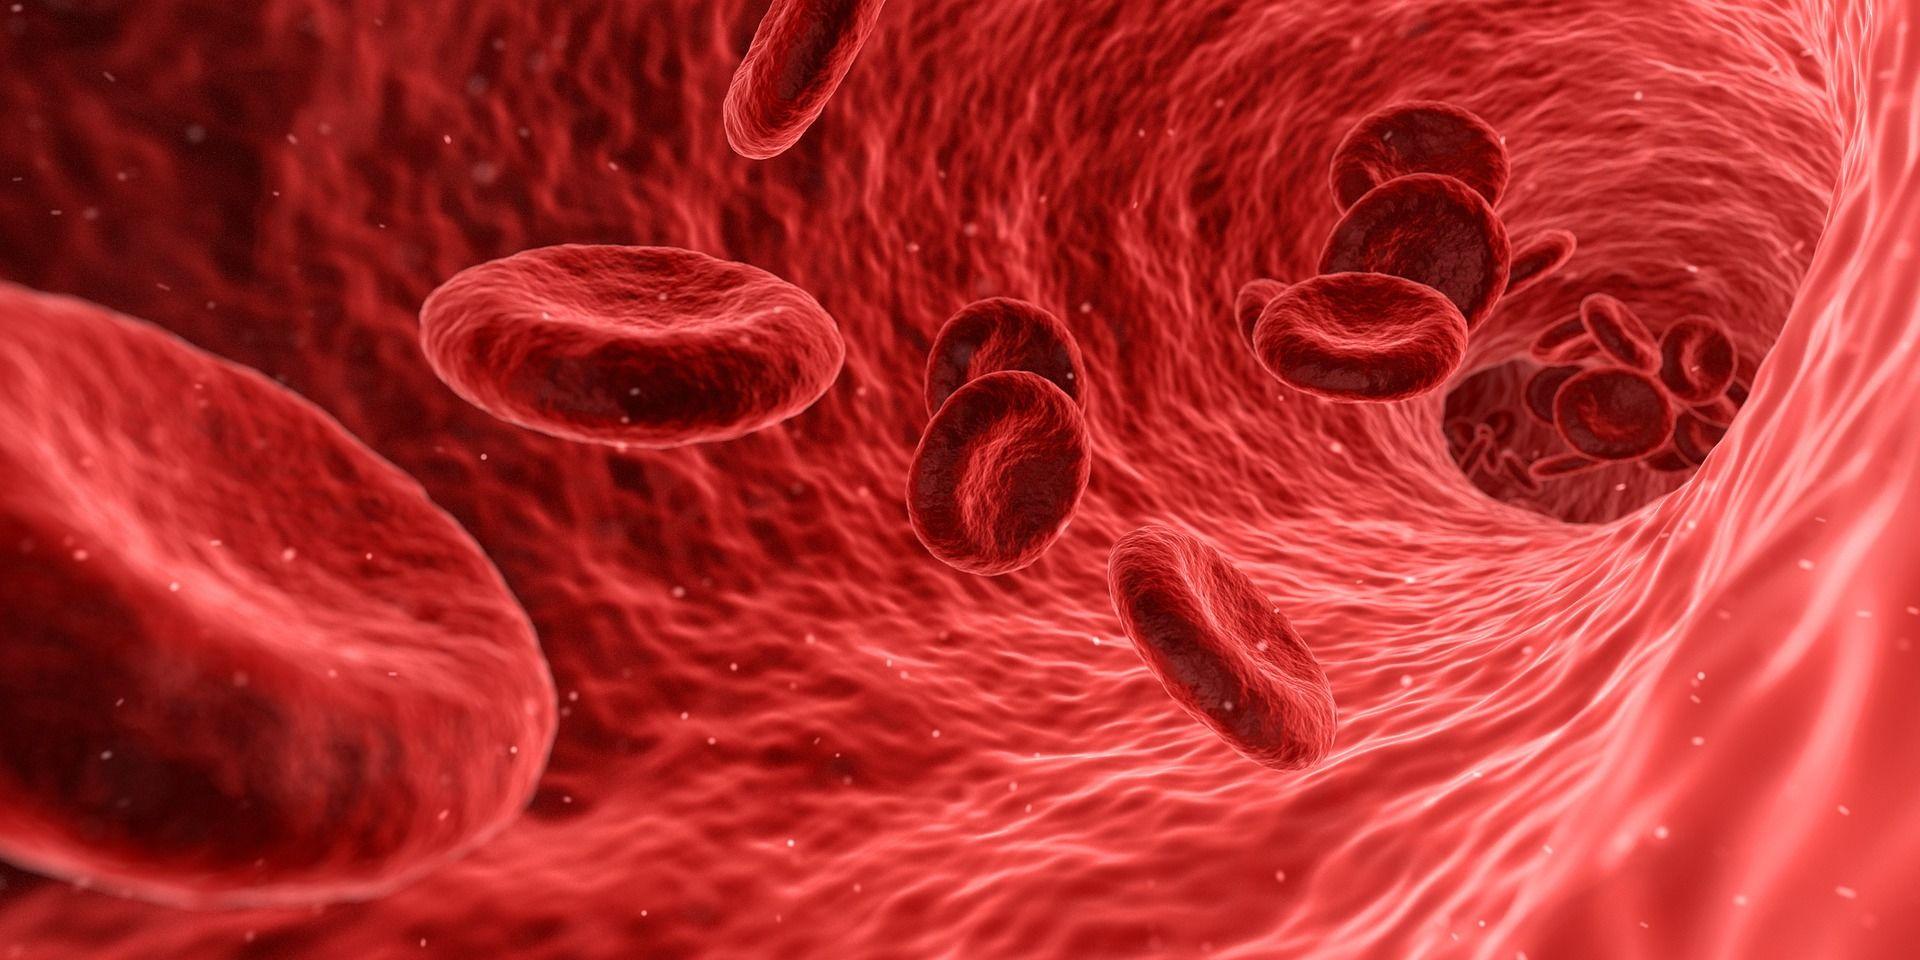 2. Sel darah merah bayi berumur pendek